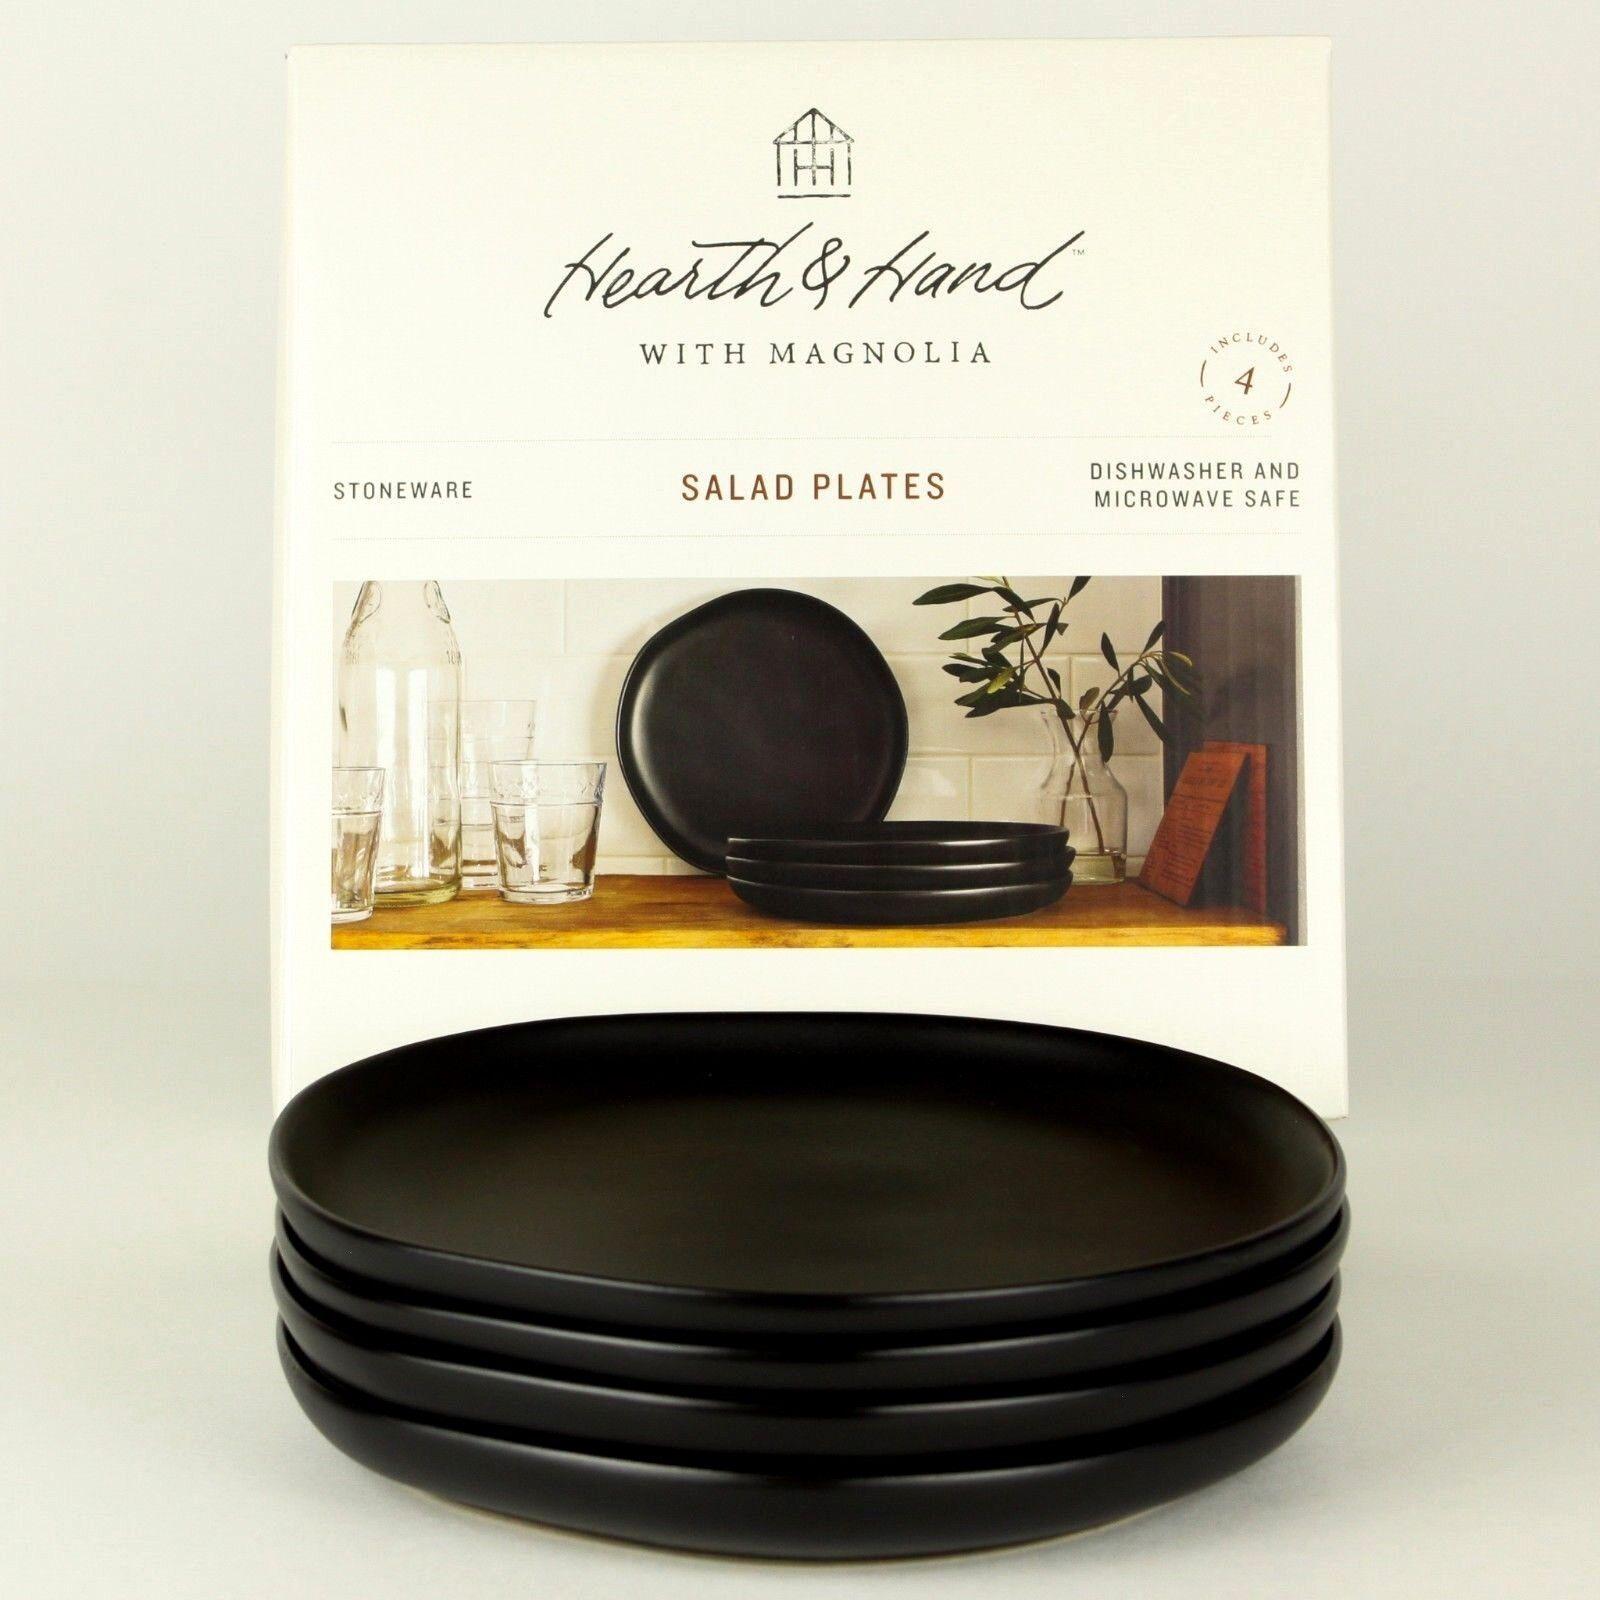 Lot de 4-Foyer et de la main Magnolia-noir mat en grès 8 pouces assiettes à salade